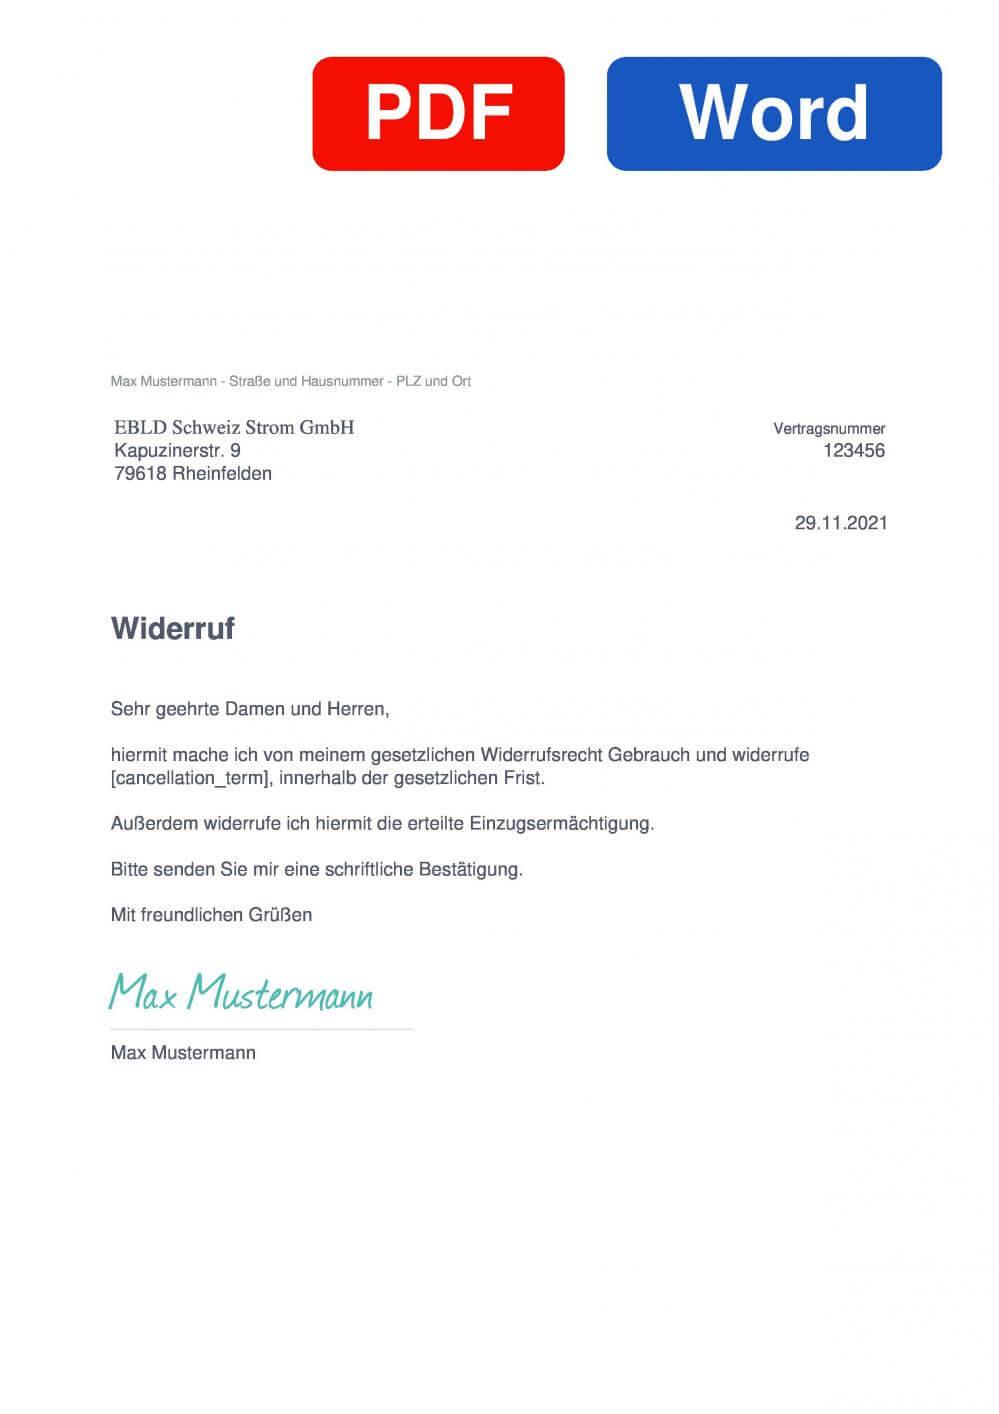 Schweizstrom Muster Vorlage für Wiederrufsschreiben